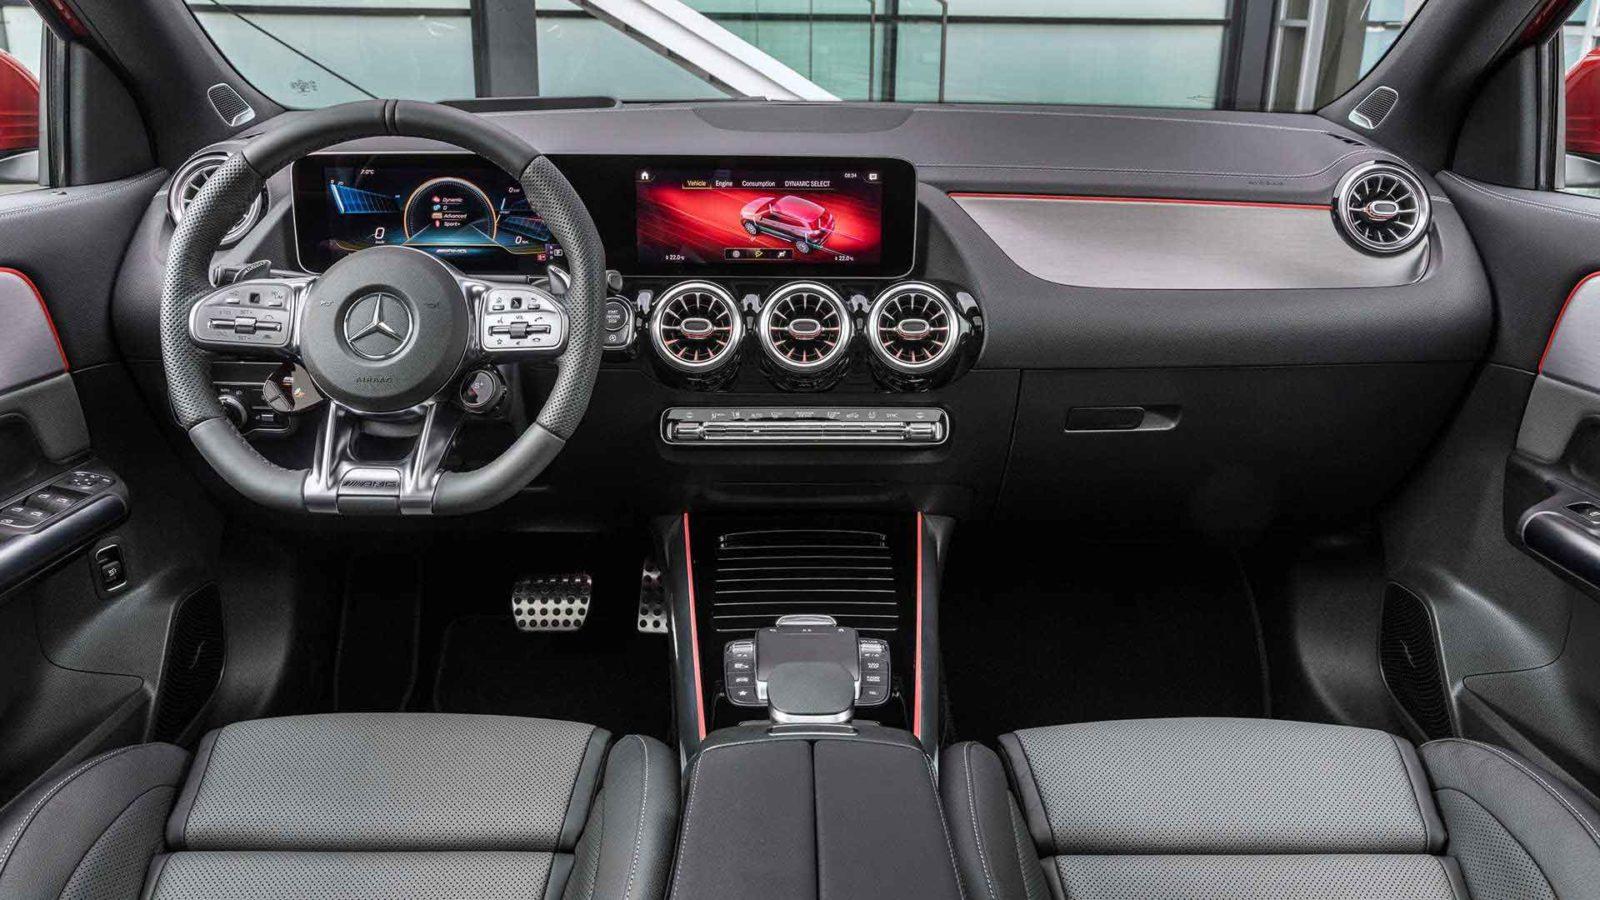 Mercedes GLA 2021 фото, технические характеристики, цена, салон, интерьер